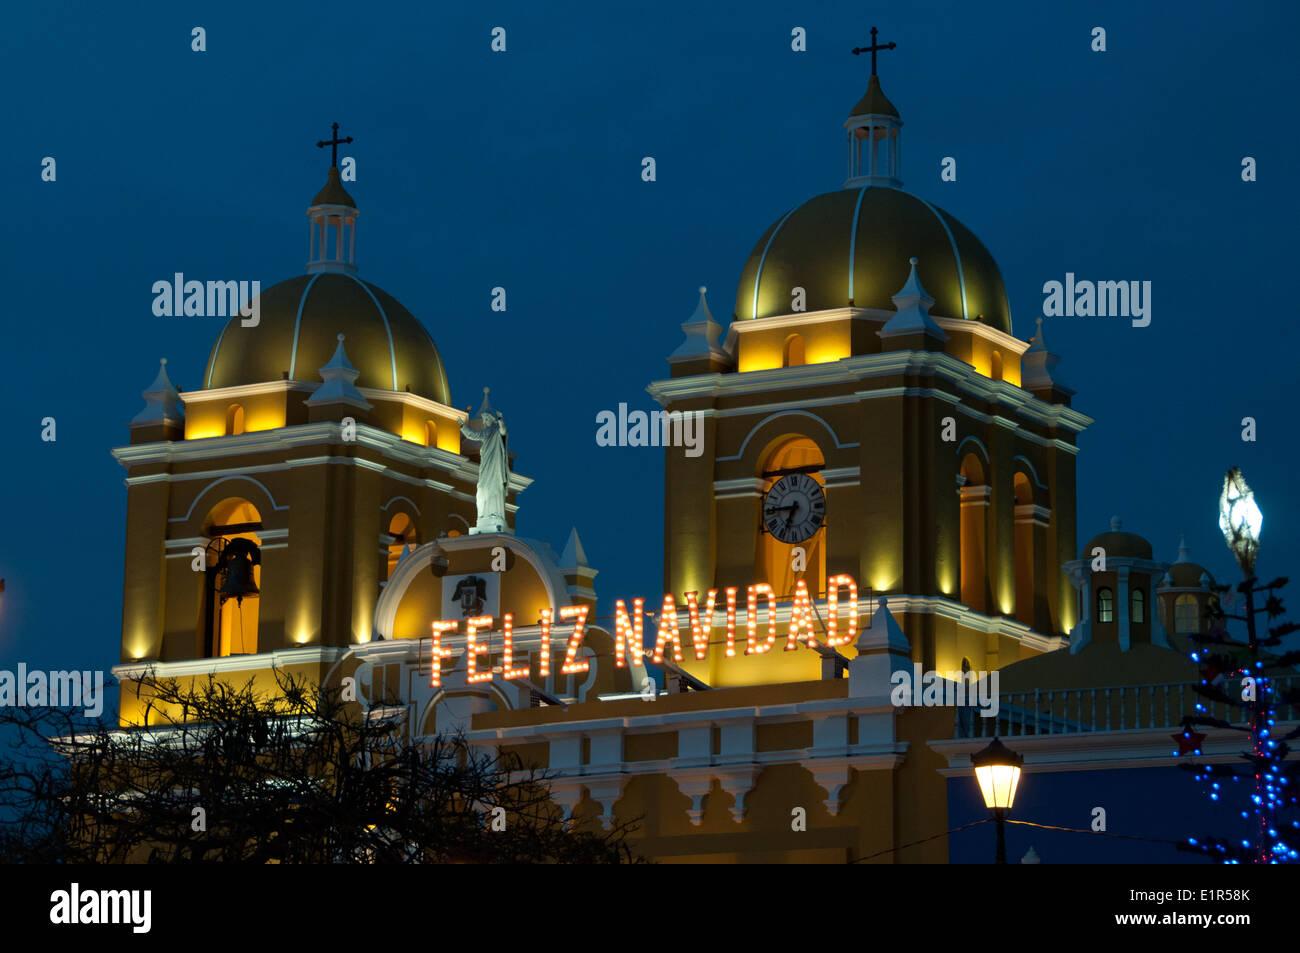 Feliz Navidad Feliz Navidad iluminado con luces a través de las cúpulas de la Catedral, en el centro de Trujillo Peru Imagen De Stock